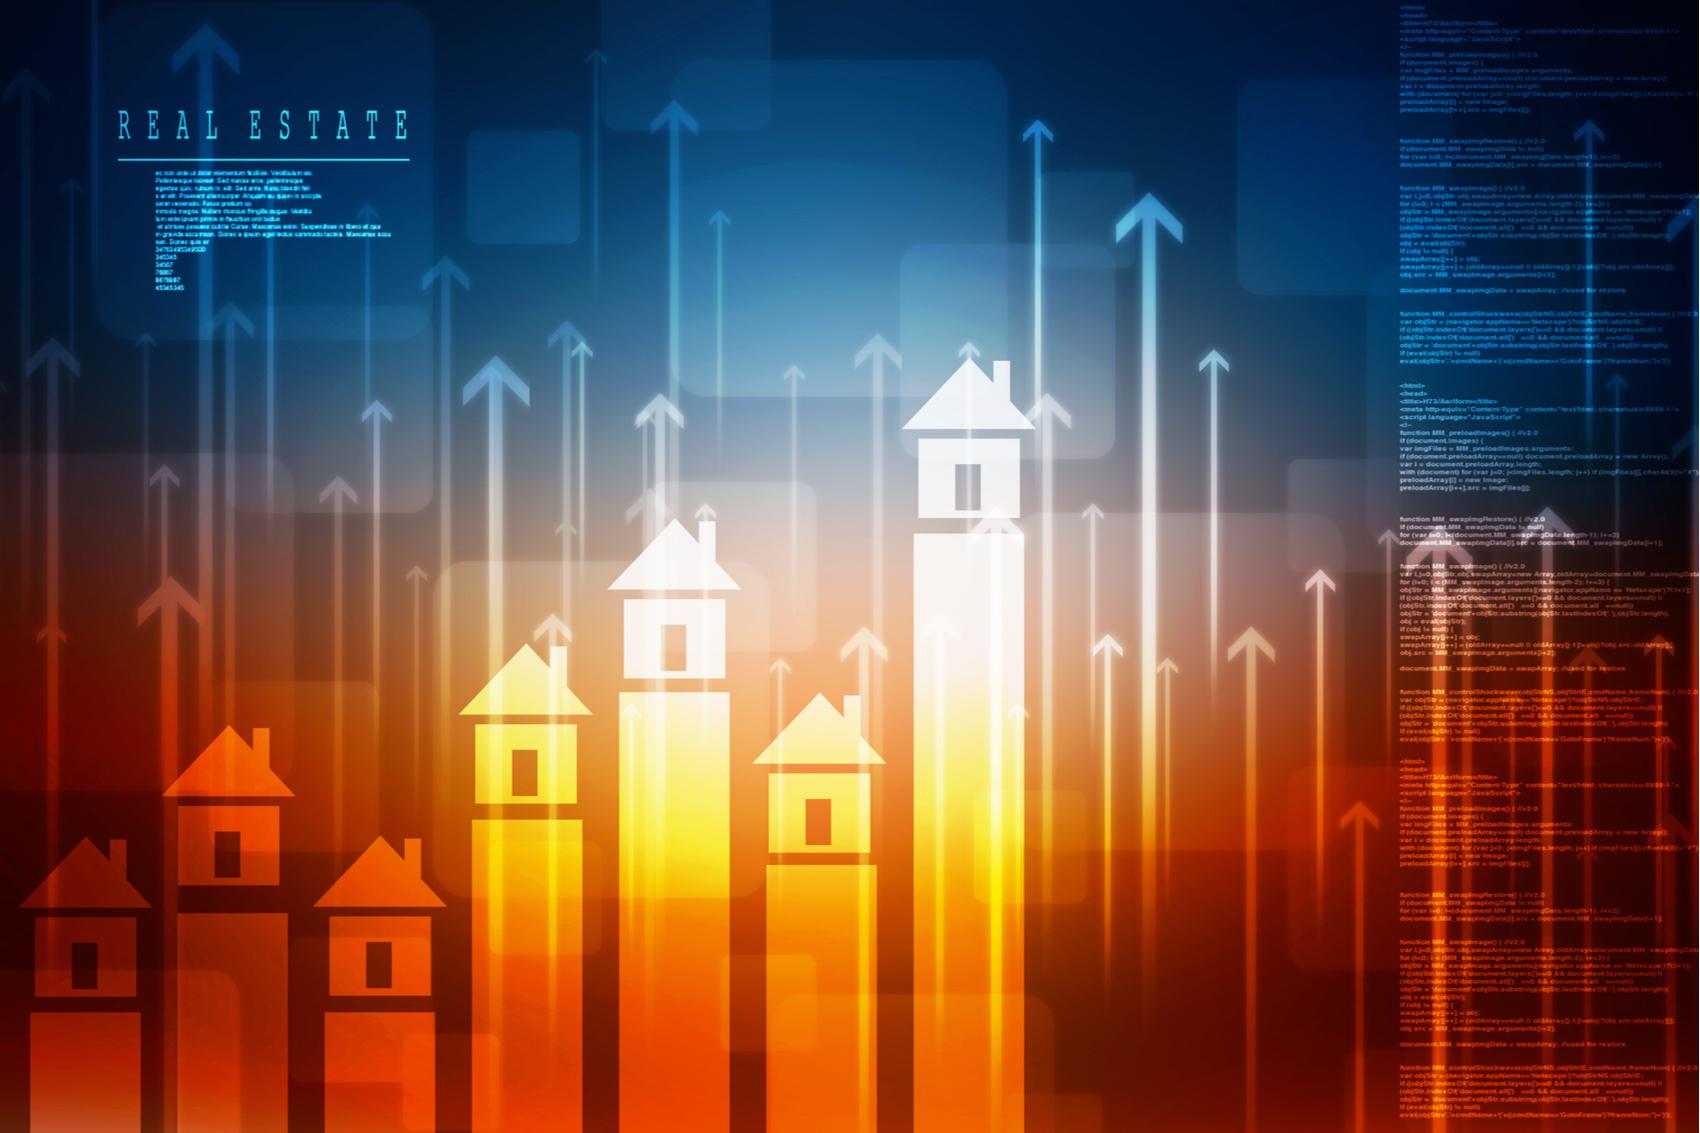 Crise no mercado imobiliário? MRV e LOG passam longe, segundo CEOs thumbnail